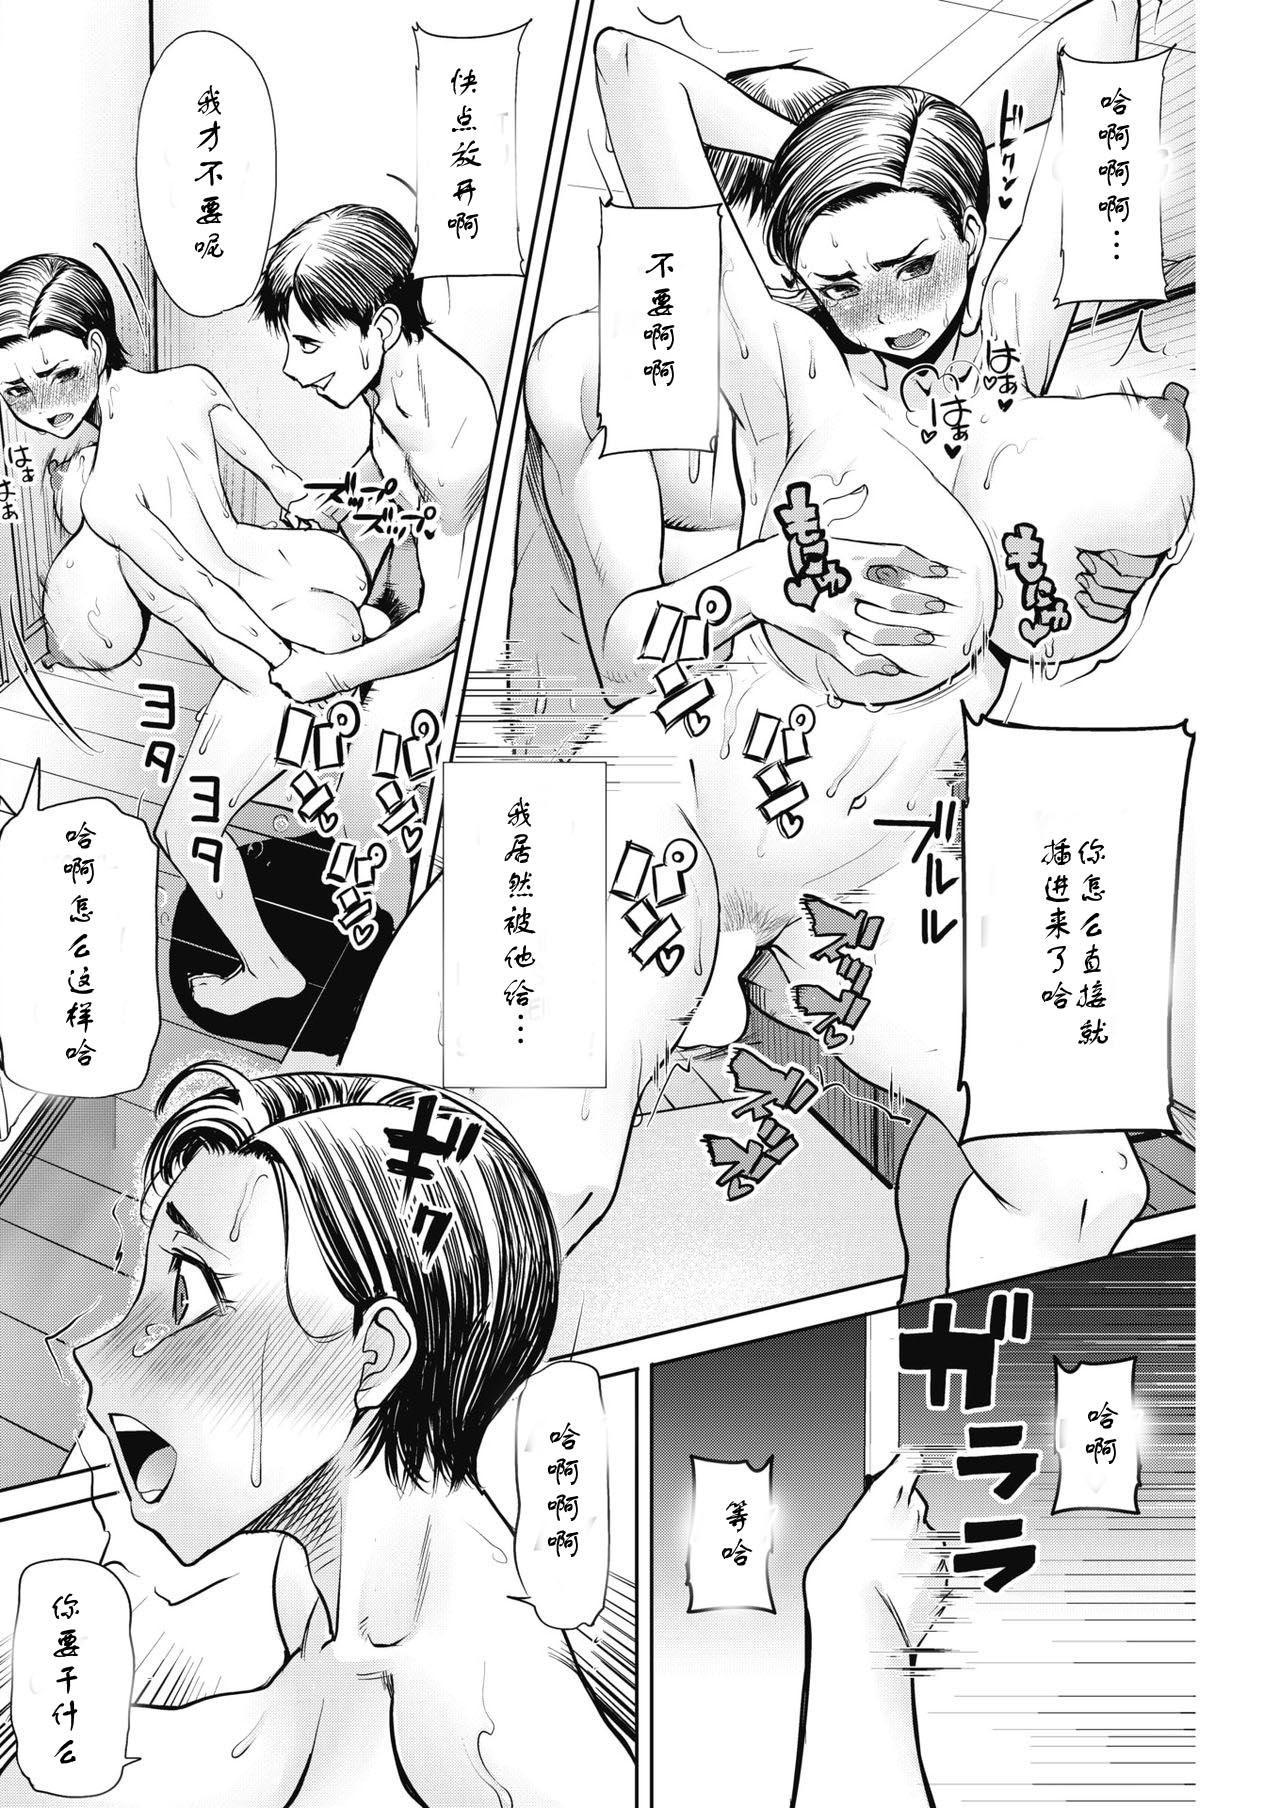 Onna Henshuuchou / Fuyuki Akira no Netotare Manga Seisaku no Michi 7